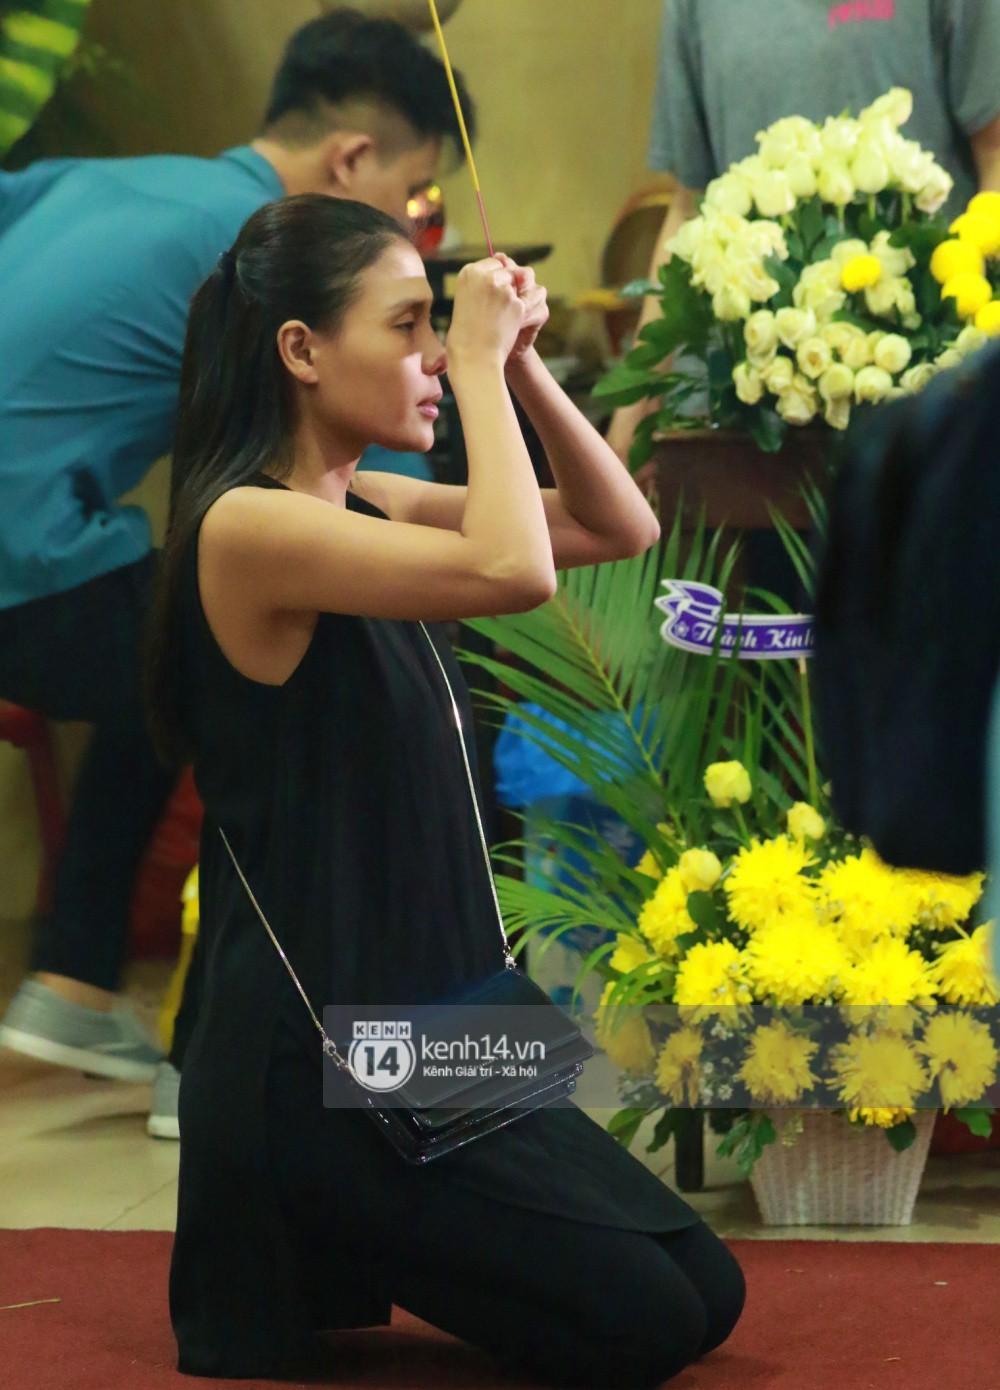 Đêm cuối cùng đám tang cố diễn viên Anh Vũ: Nghệ sĩ lặng người, không giấu được xúc động trước linh cữu-15